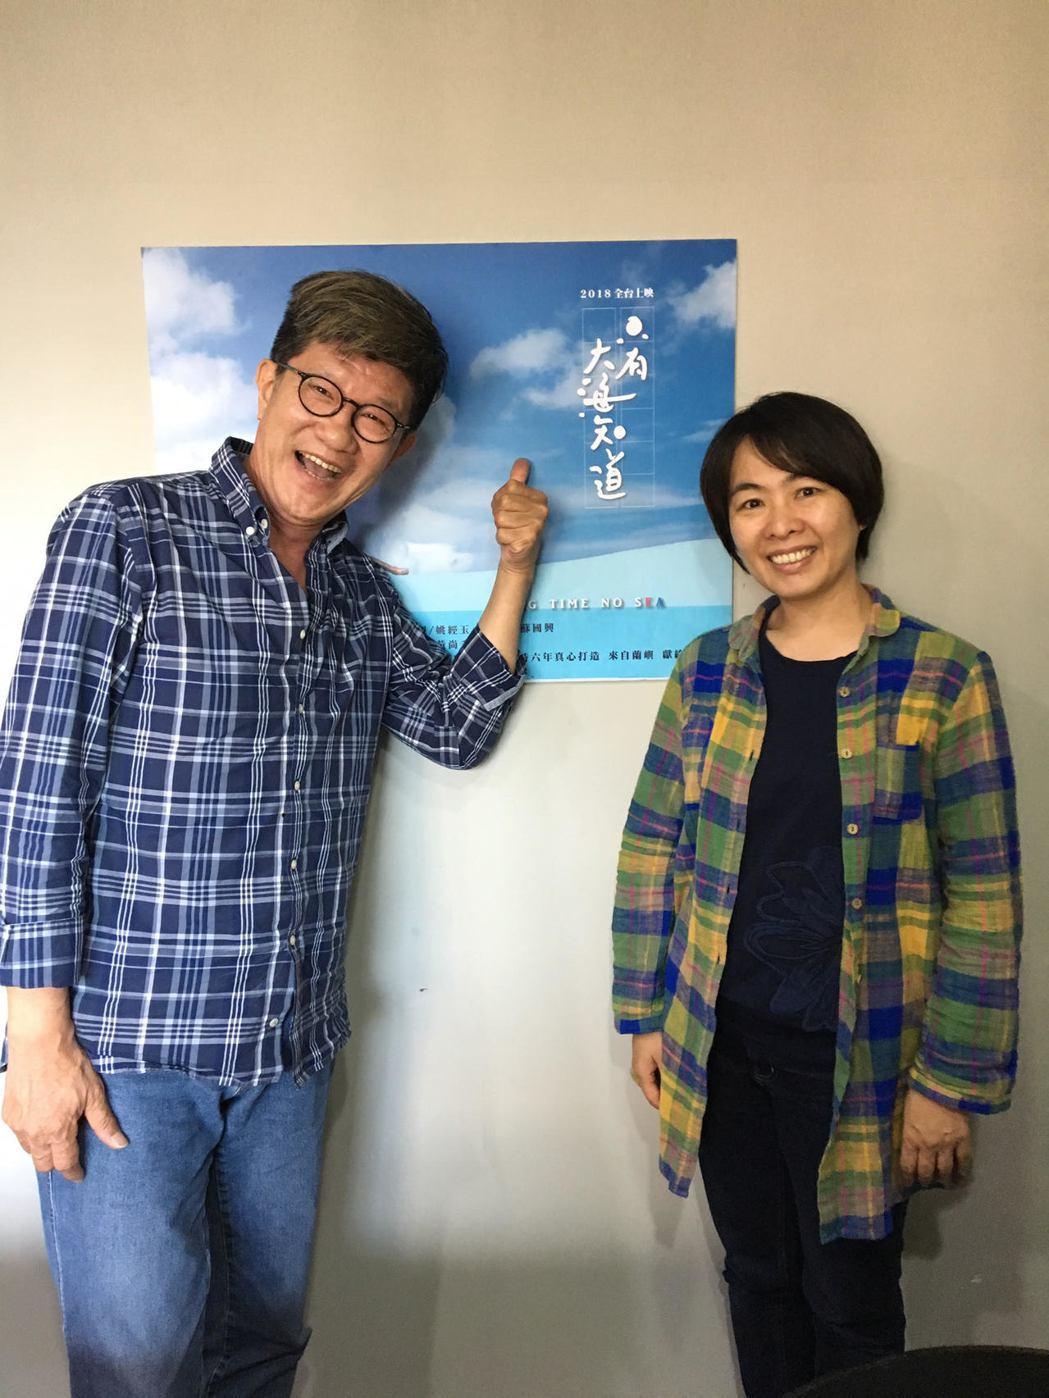 名導虞戡平(左)力薦「只有大海知道」,稱讚是當代最好看的電影,右為導演崔永徽。圖...